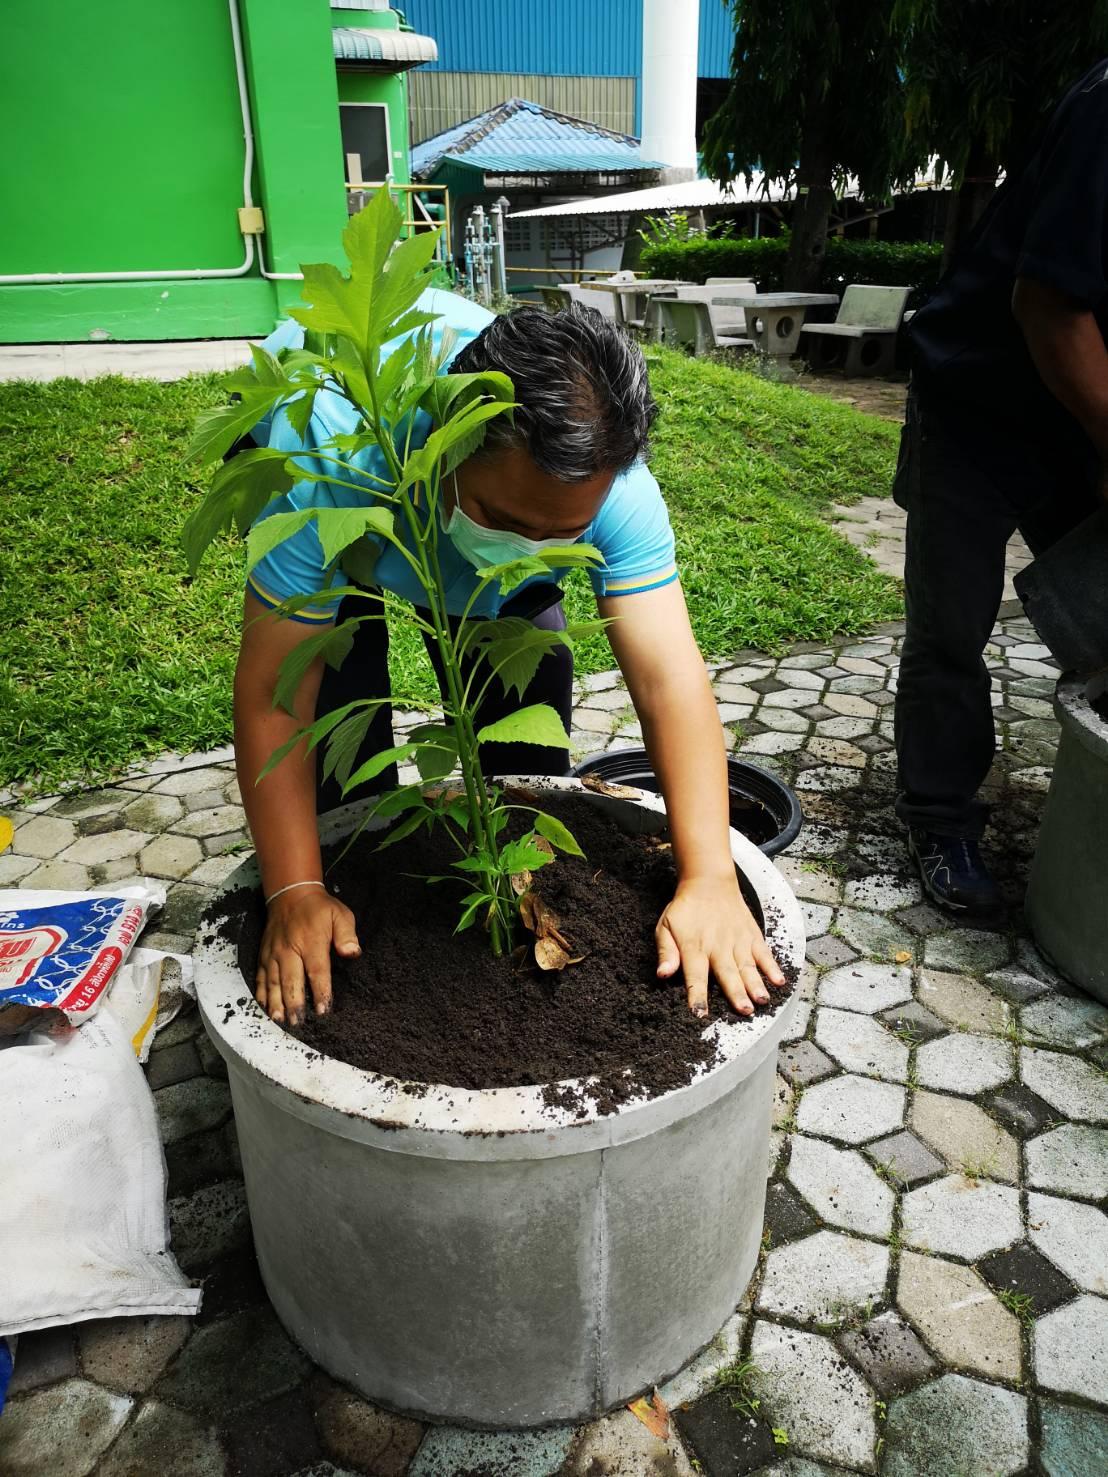 โรงงาน-ฟาร์ม CPF ทั่วประเทศ ร่วมปลูกต้นไม้